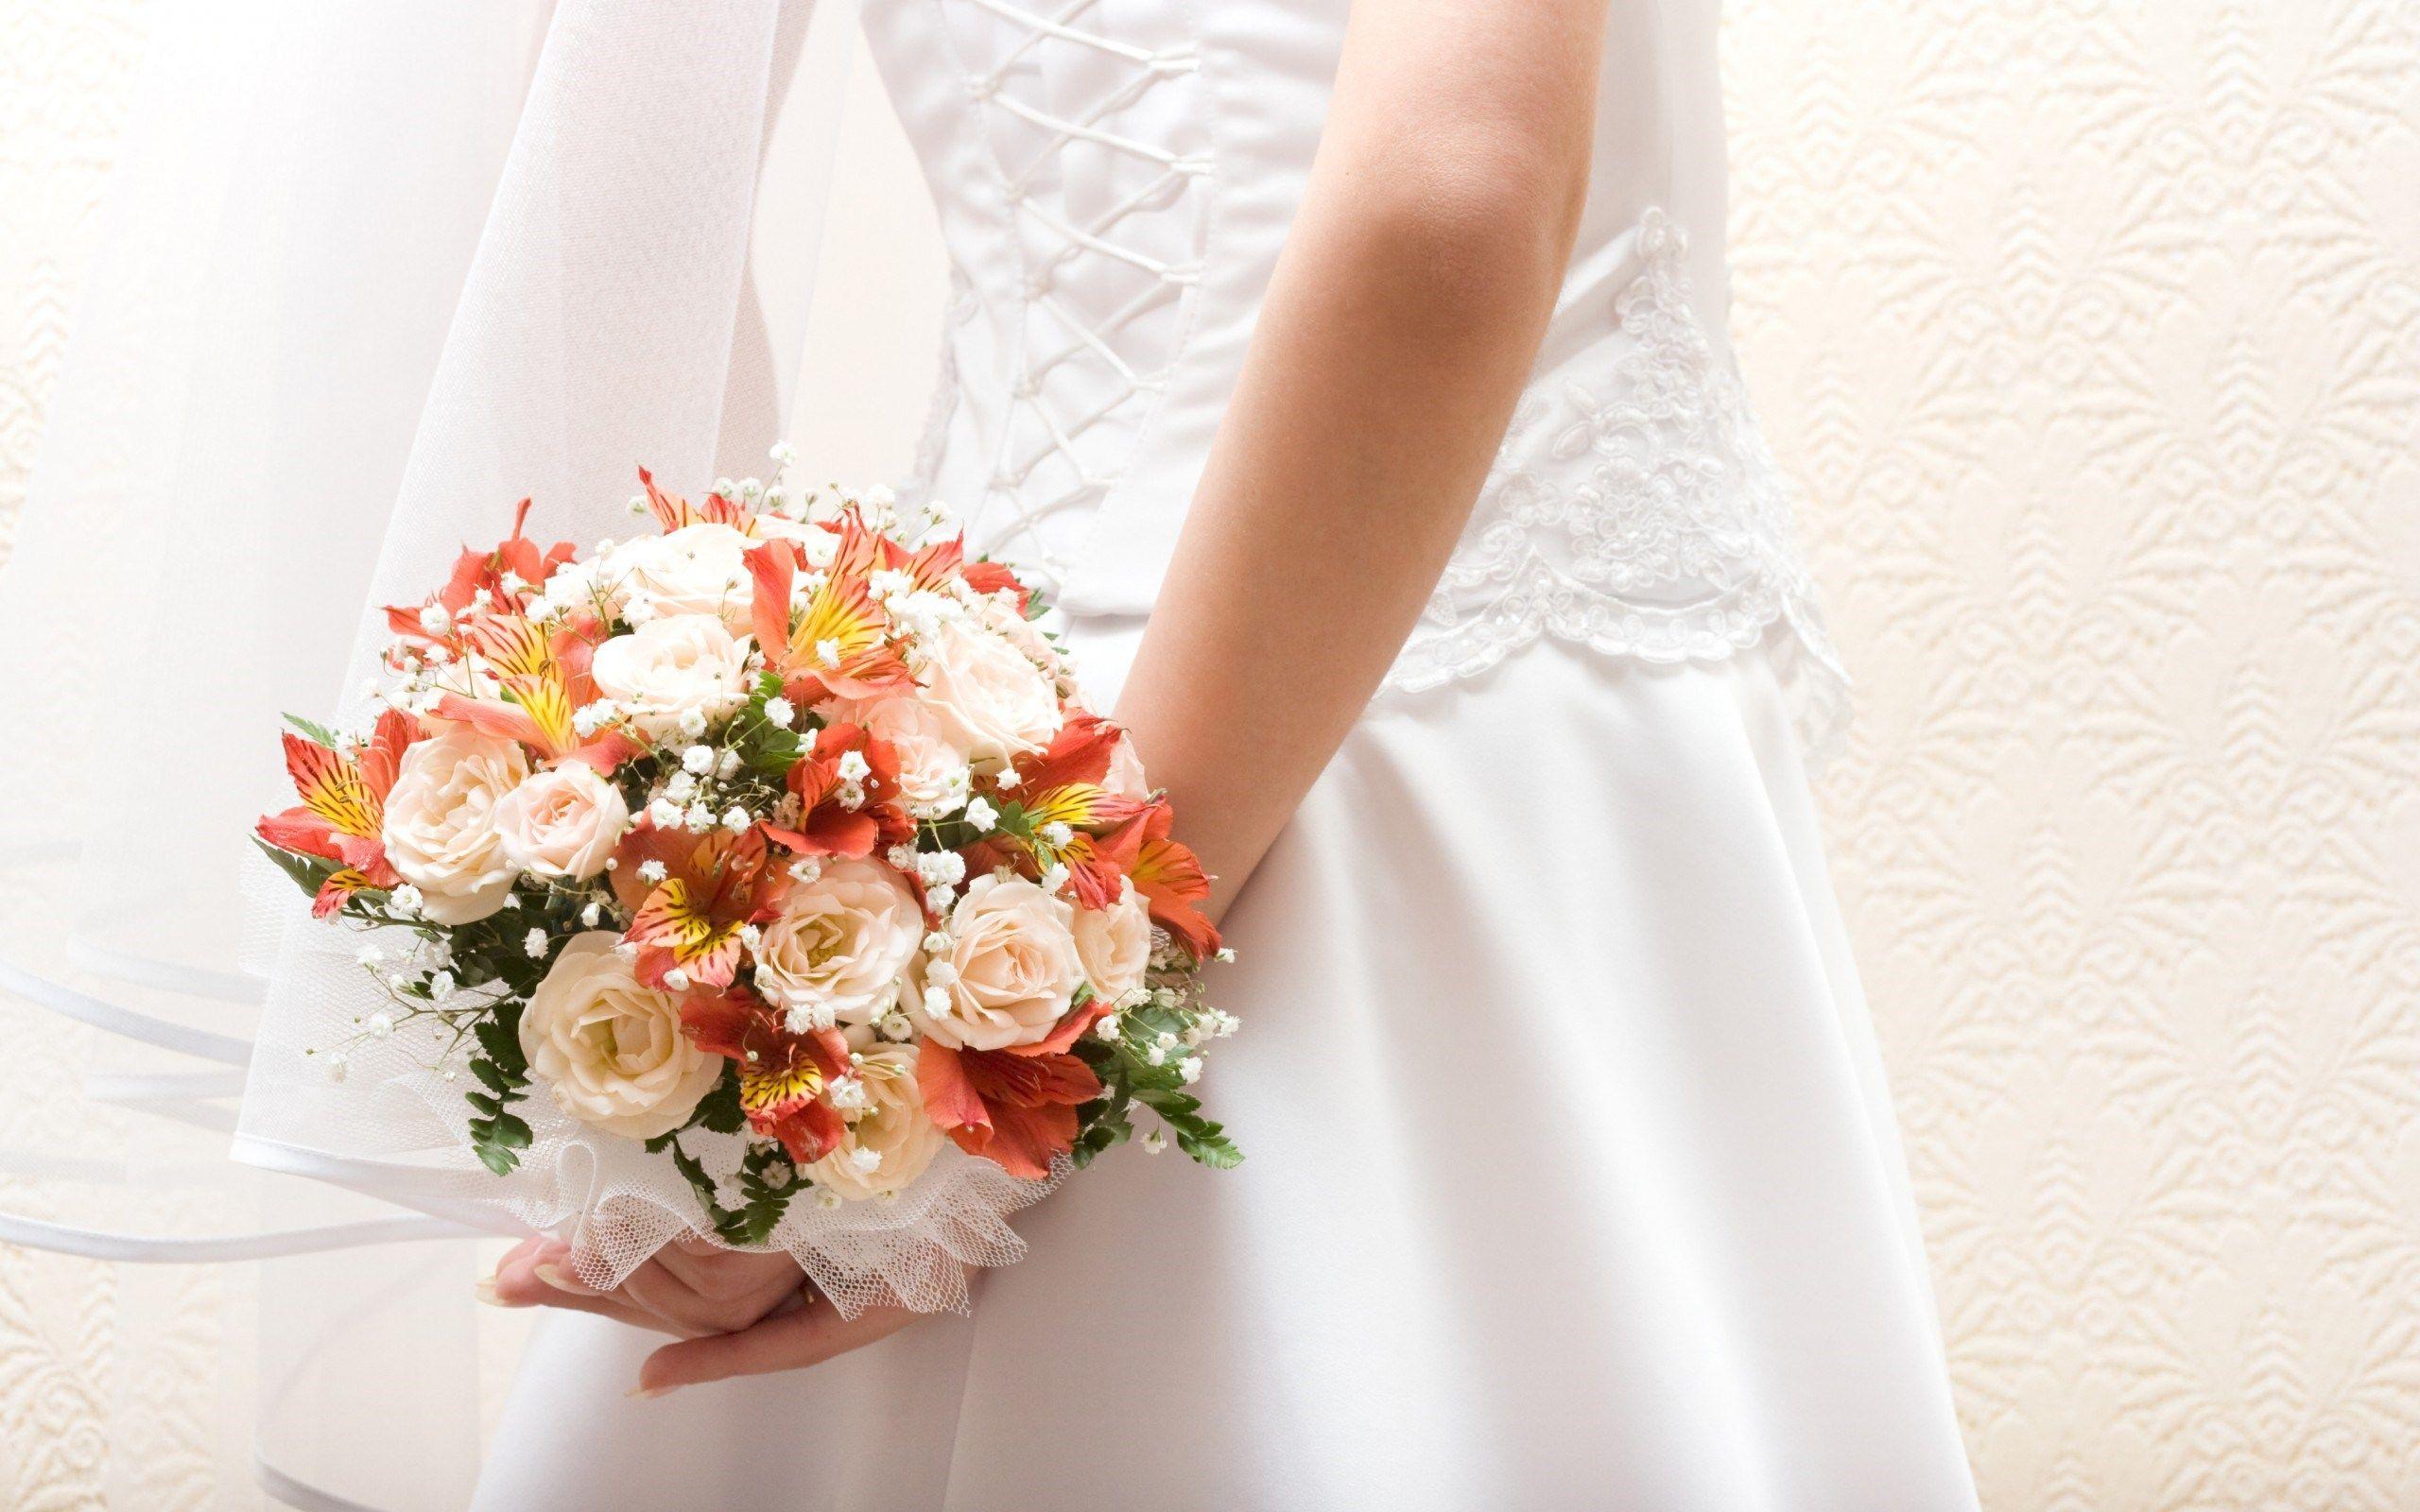 Bride Dress Flowers Hd Wallpaper Hdwalltop Com Wedding Dresses